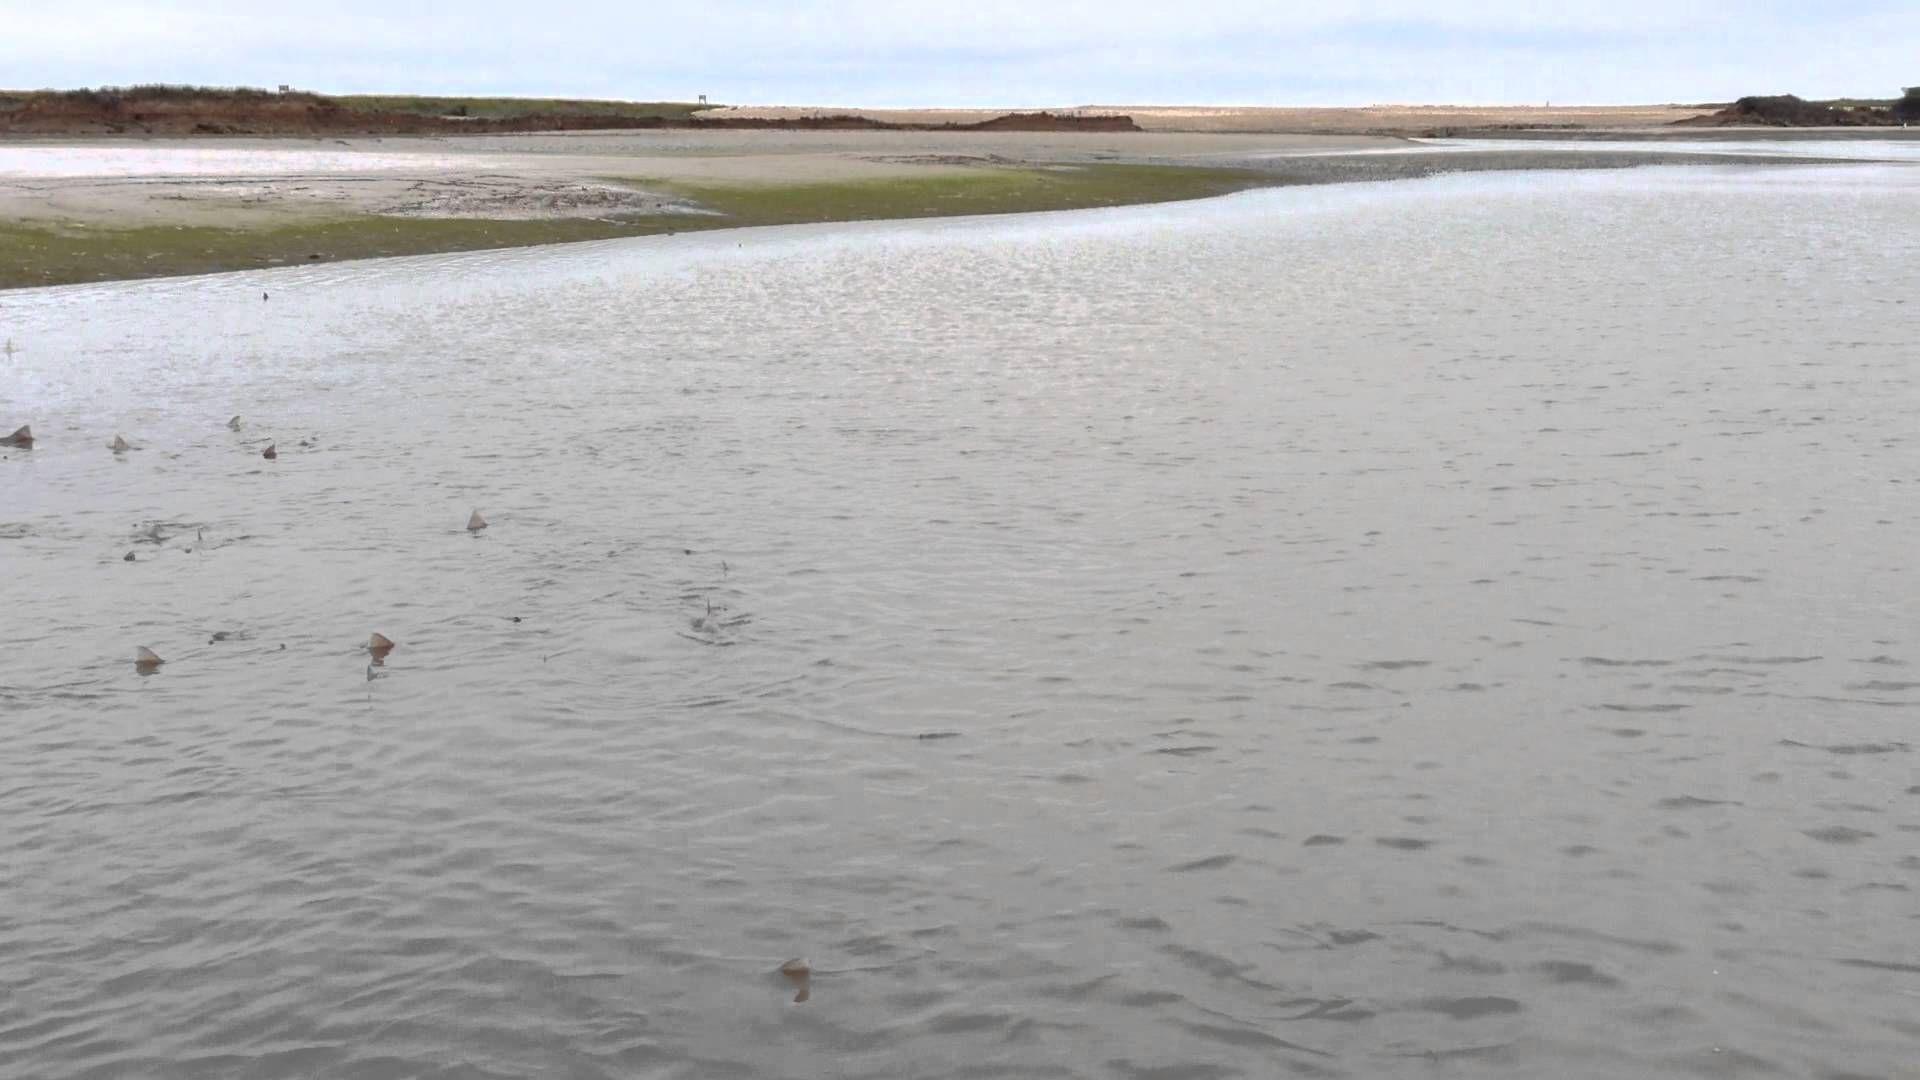 Des requins envahissent par dizaines une plage anglaise